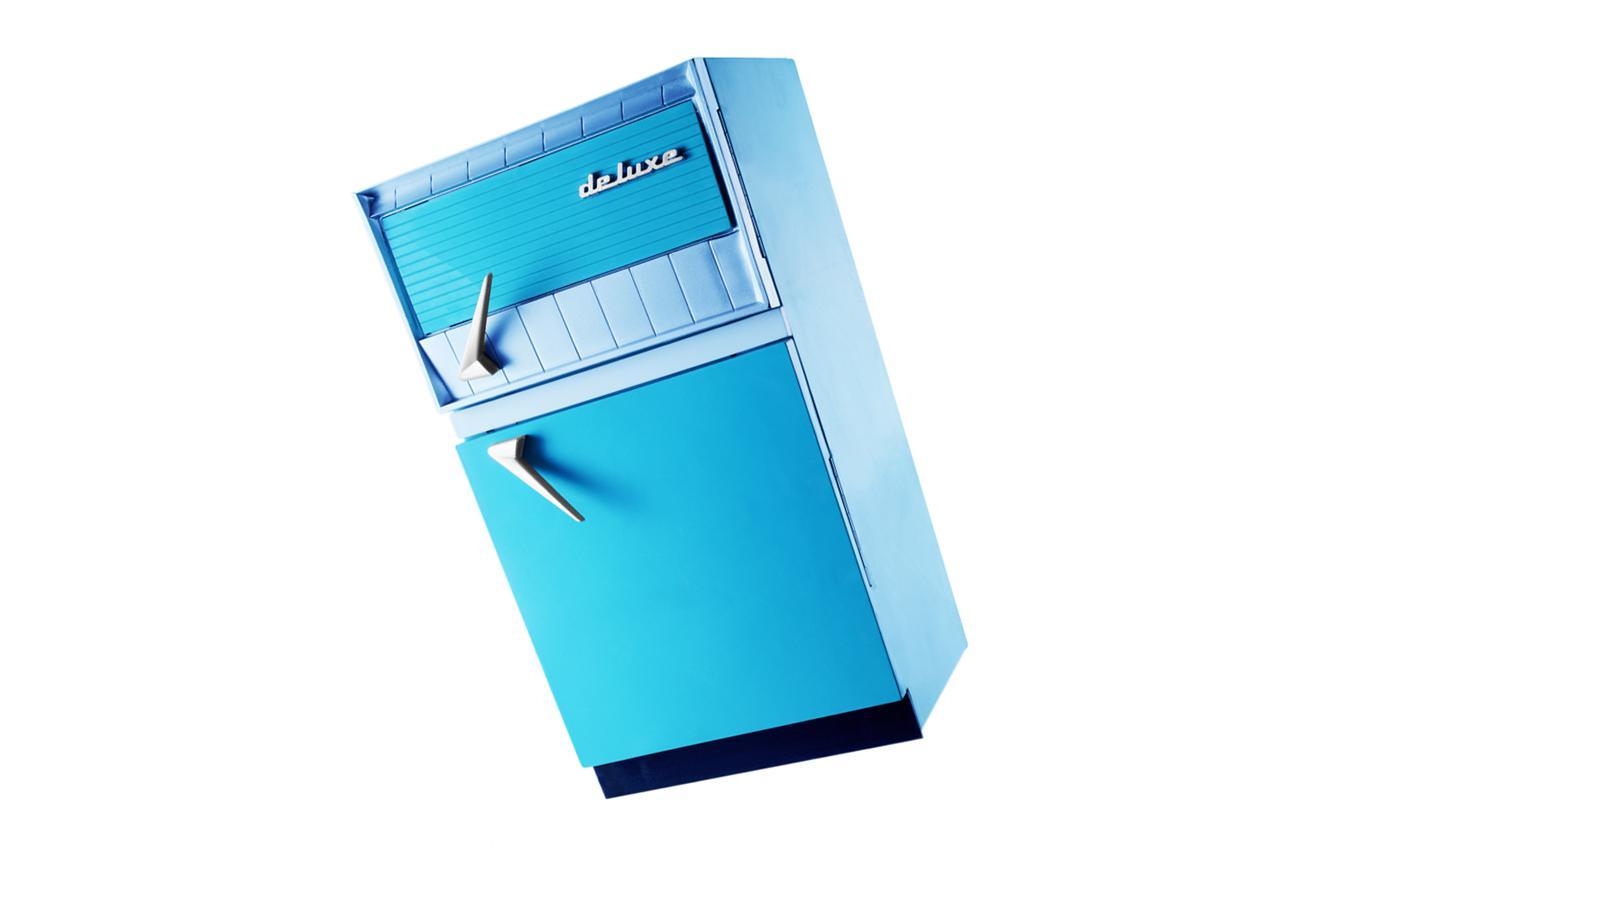 retro blue fridge isolated on white